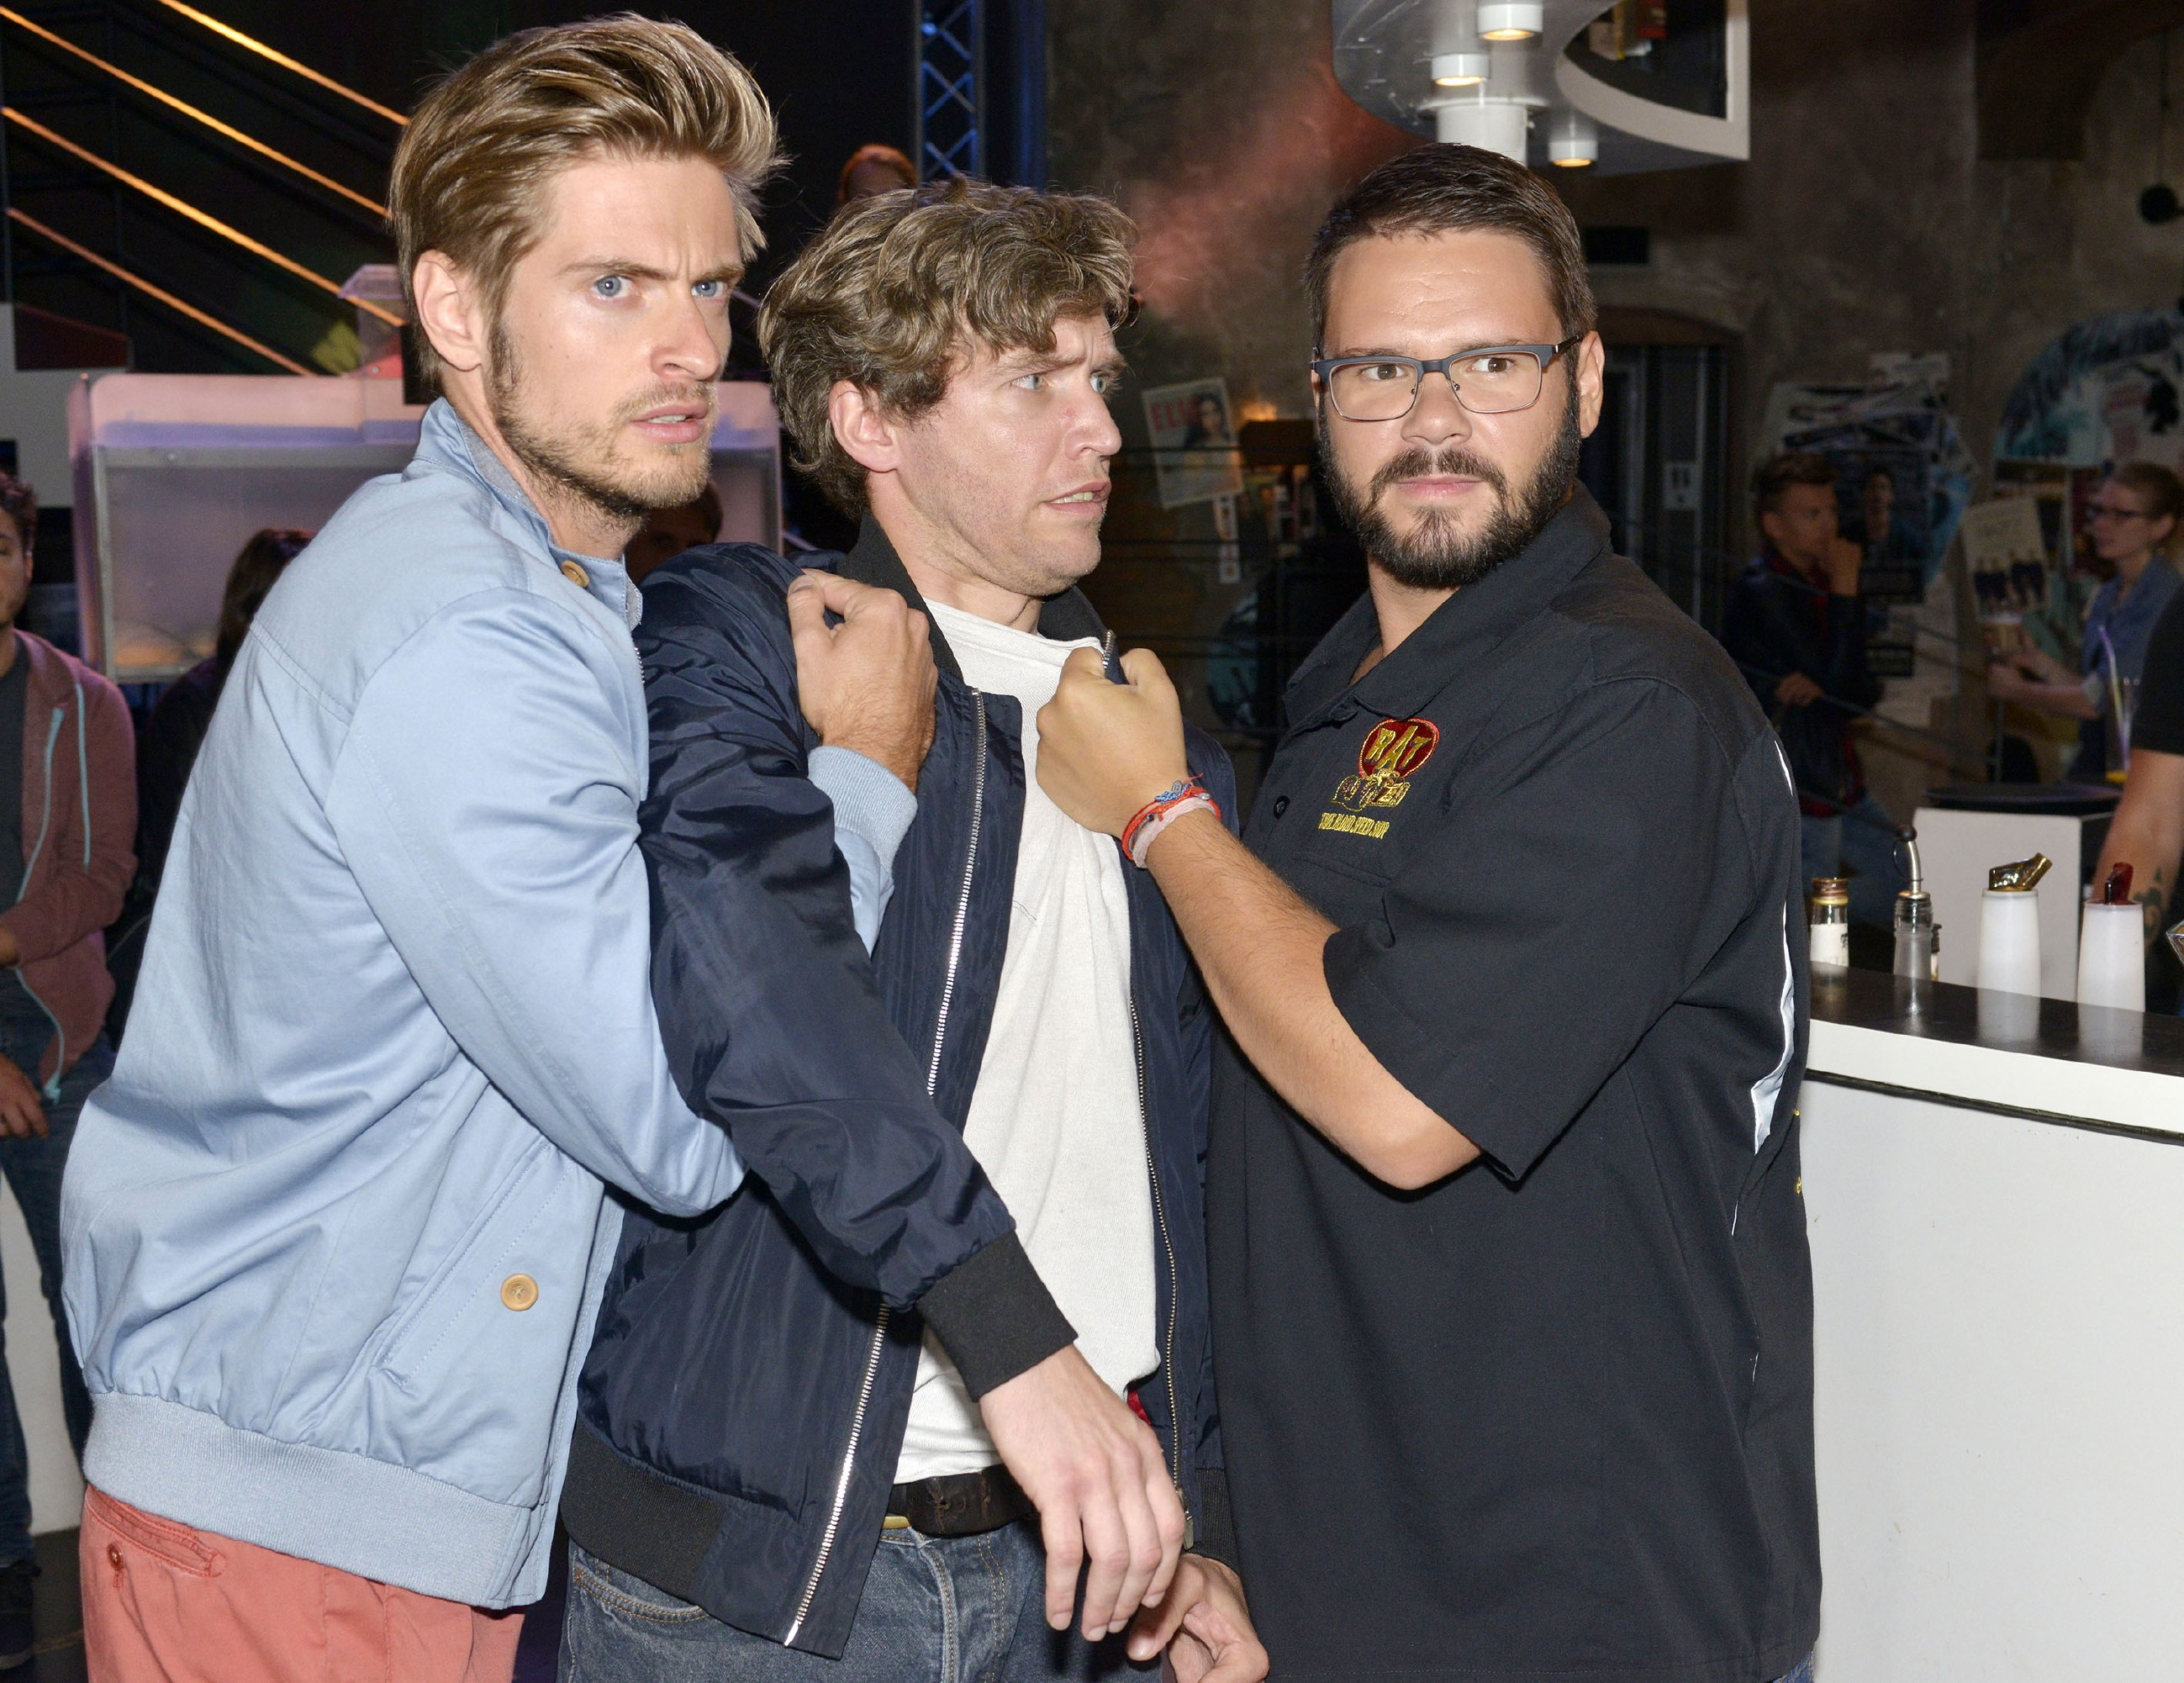 Philip (Jörn Schlönvoigt, l.) und Tuner (Thomas Drechsel, r.) schnappen sich einen jungen Mann (Komparse), den sie für den Identitätsdieb halten. (Quelle: RTL / Rolf Baumgartner)